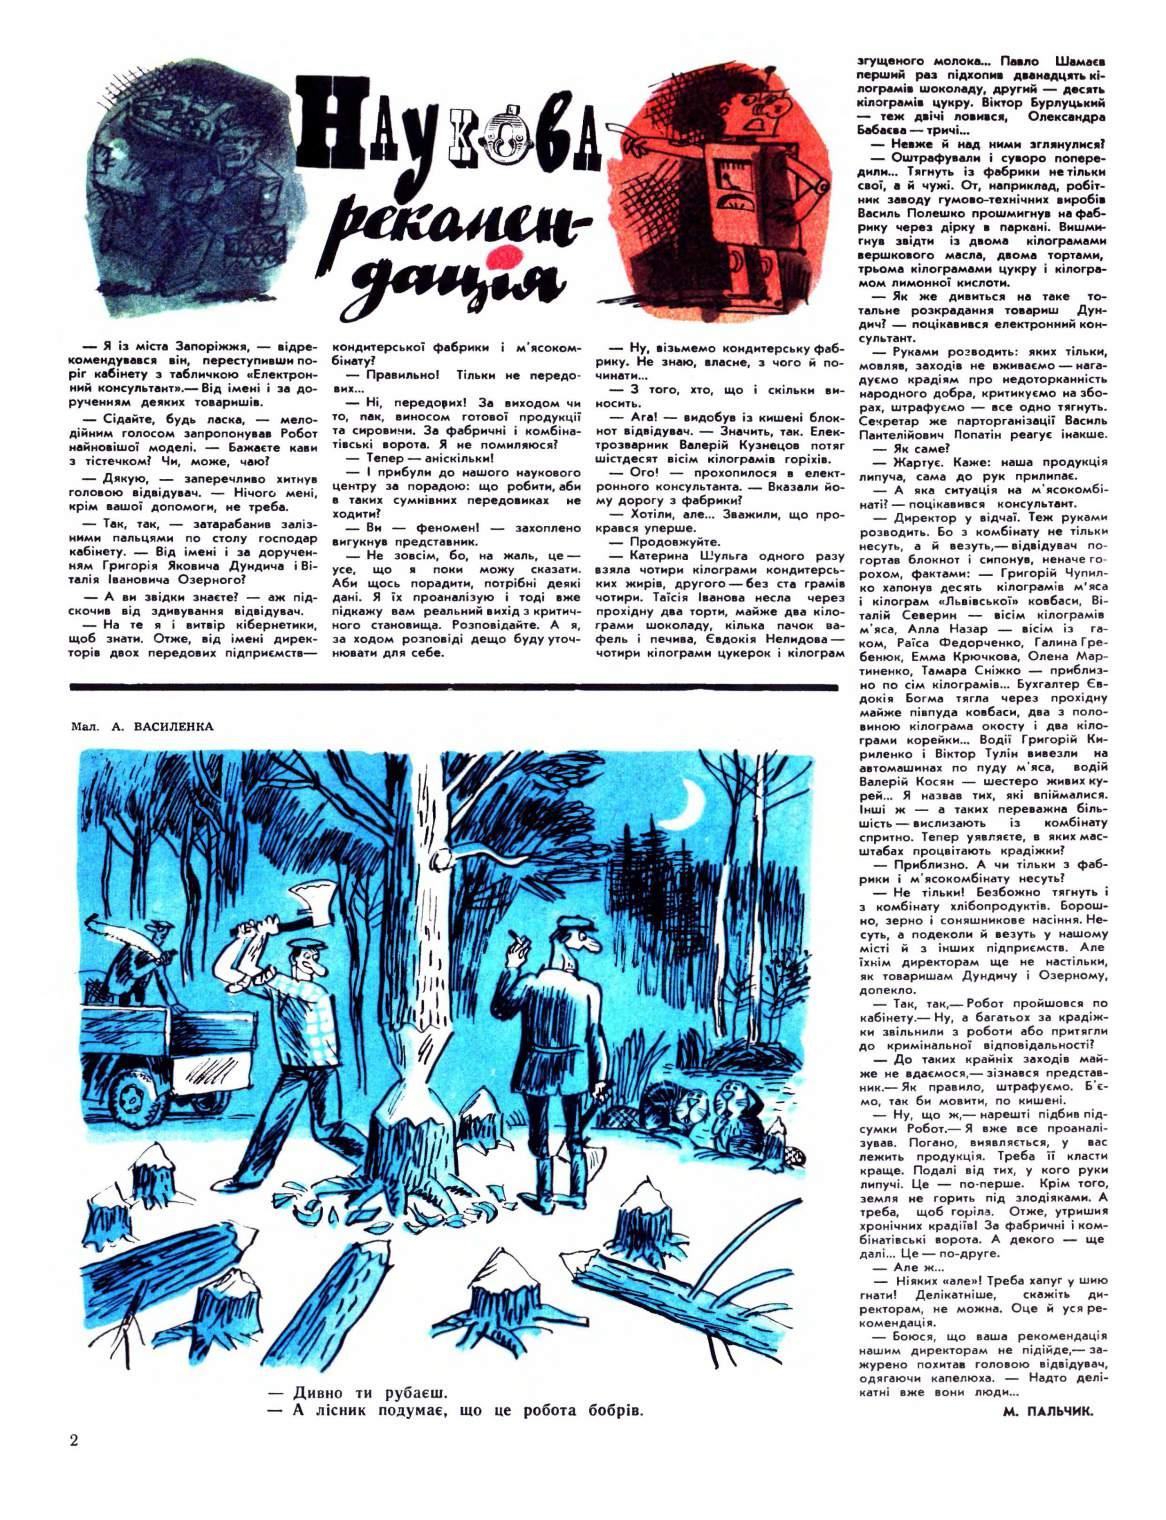 Журнал перець 1976 №18